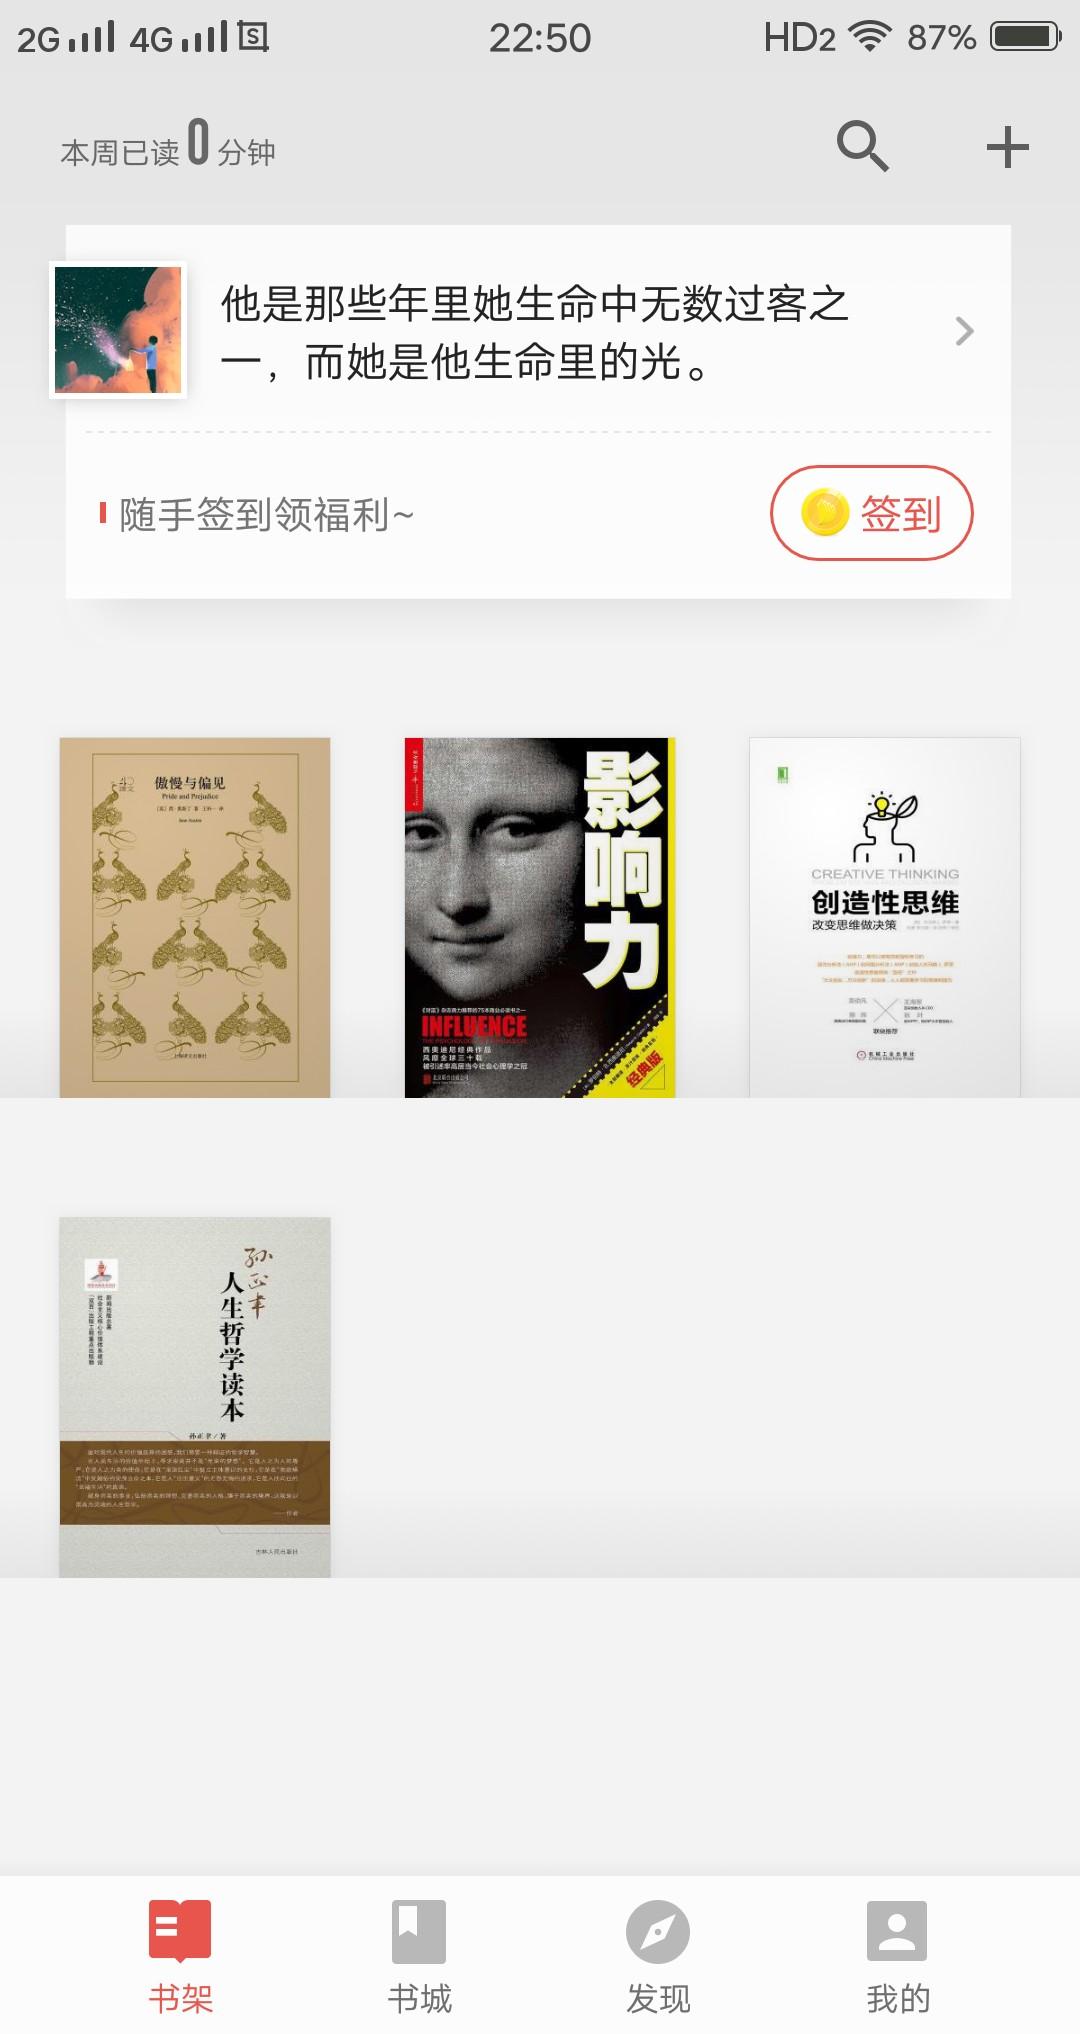 Screenshot_2018_0911_225025.jpg